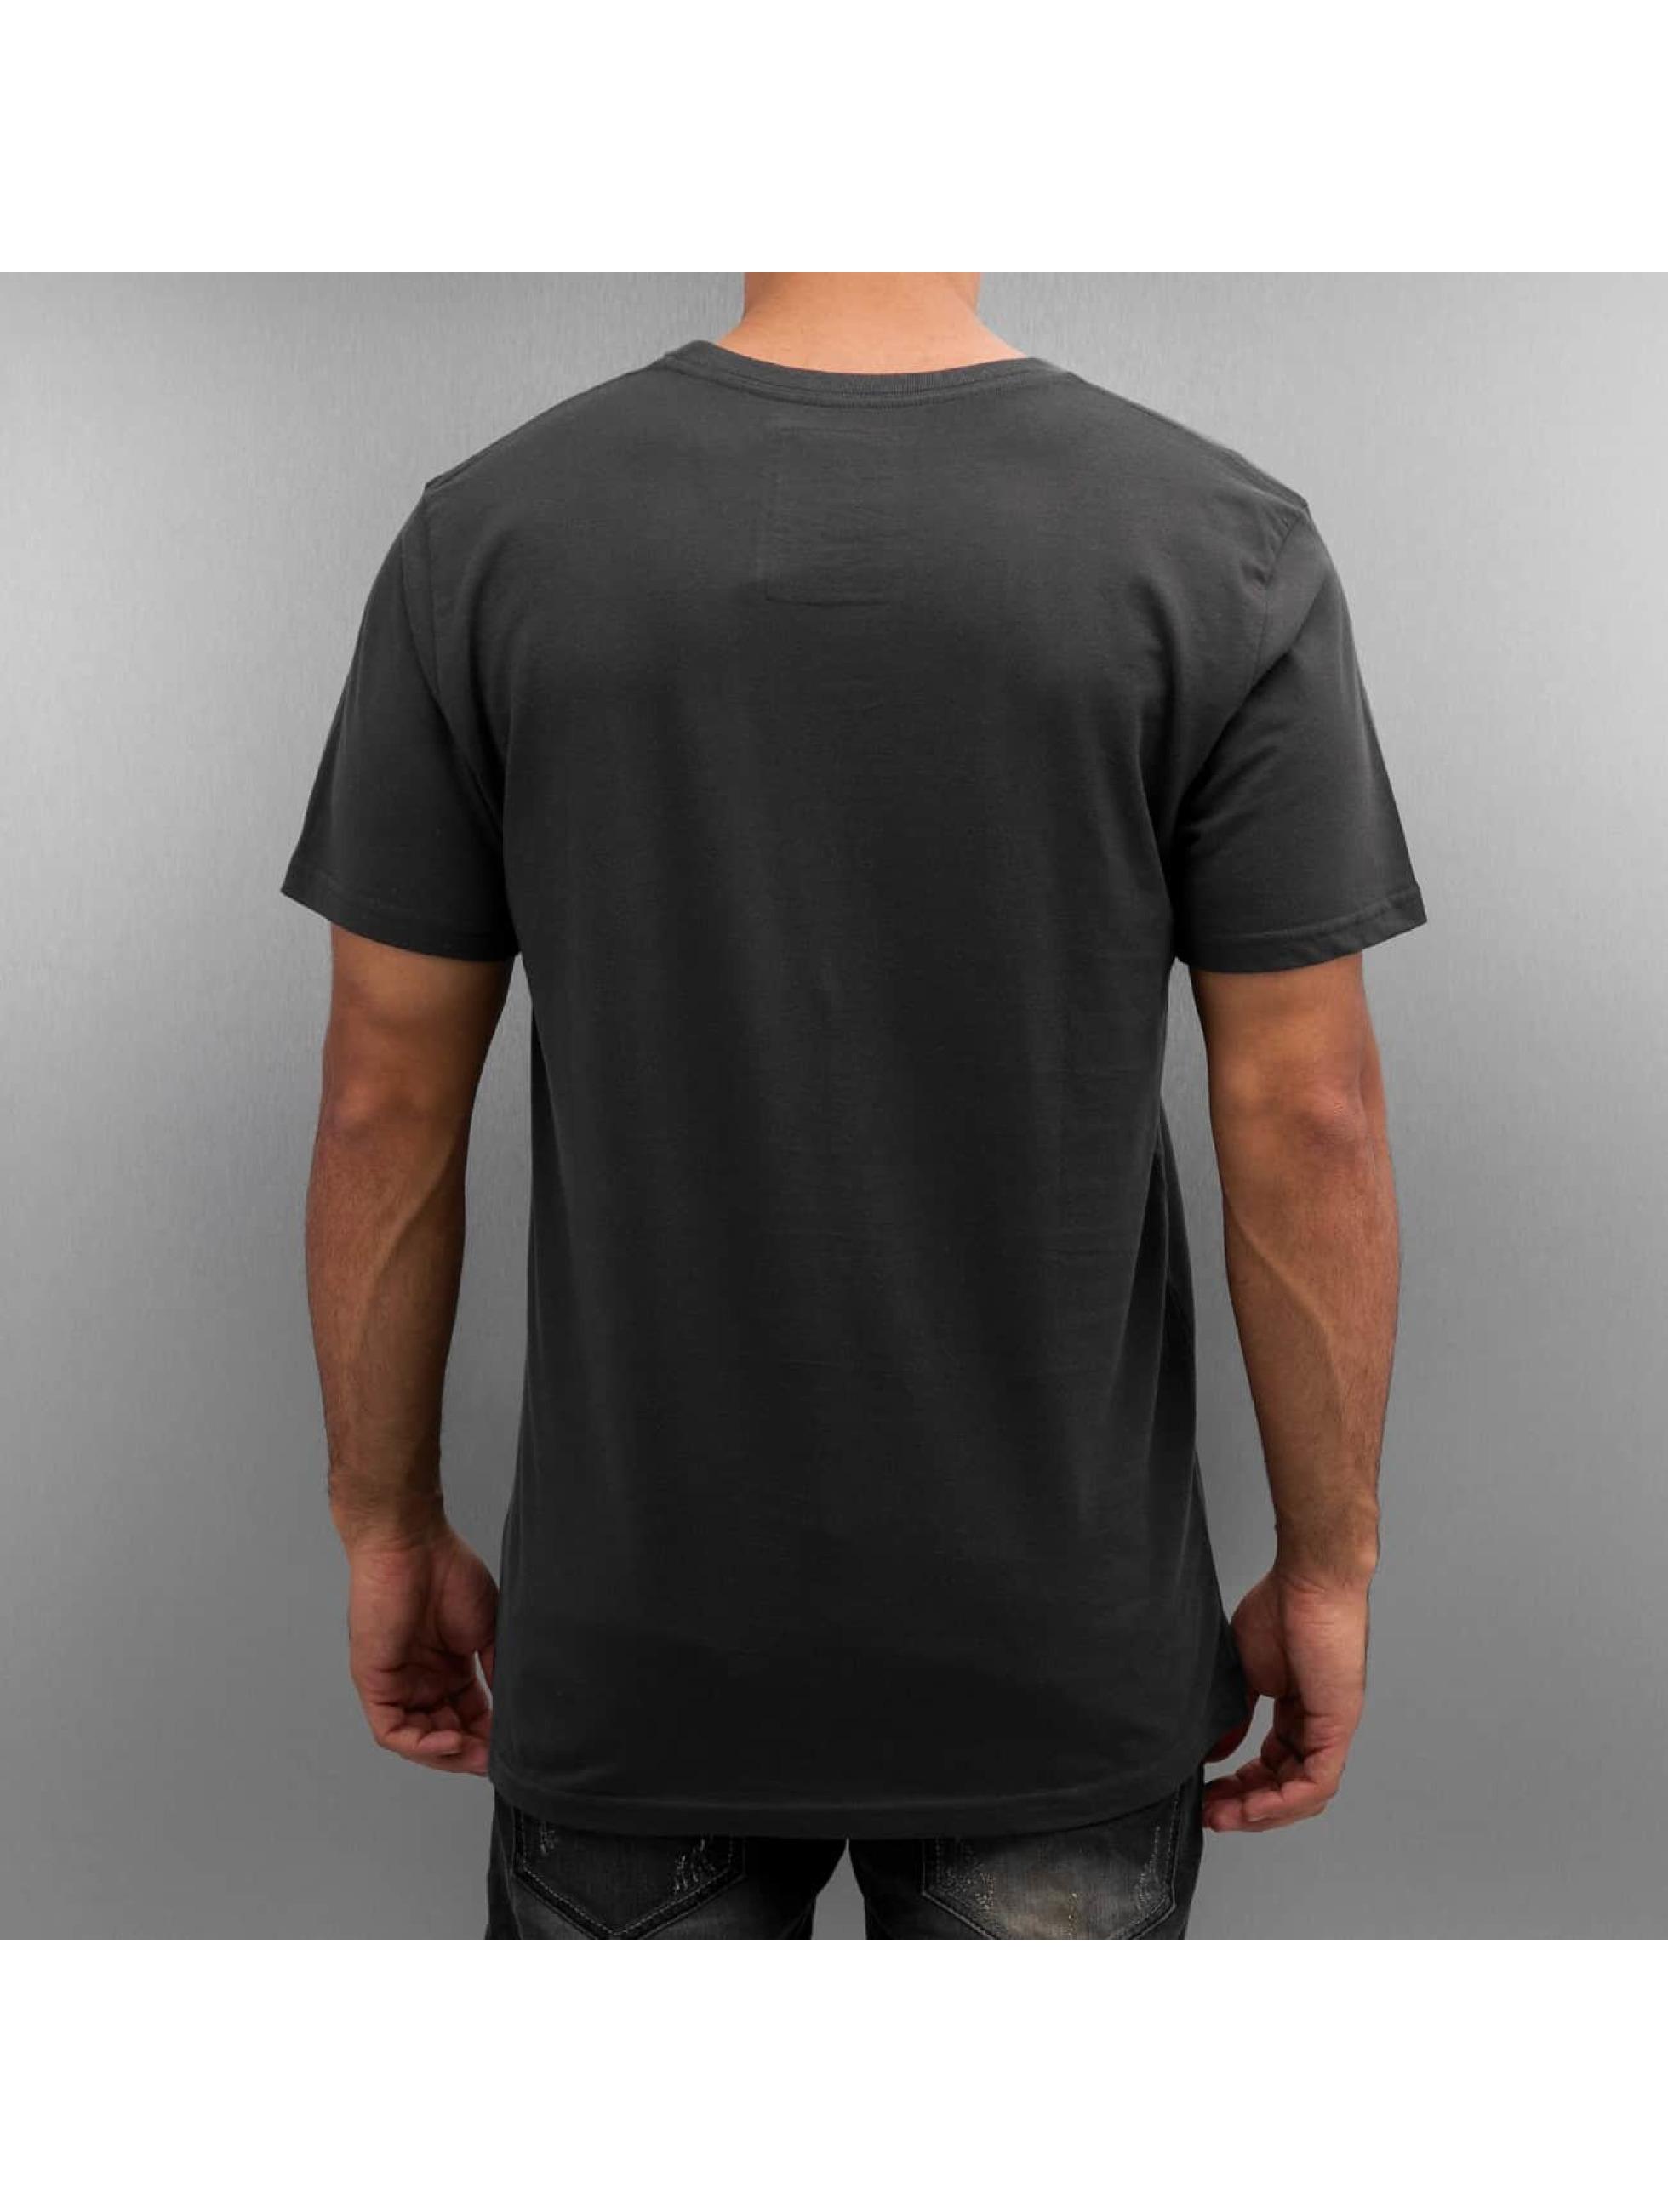 DEDICATED T-Shirt Atinum Wish You Were Here gray